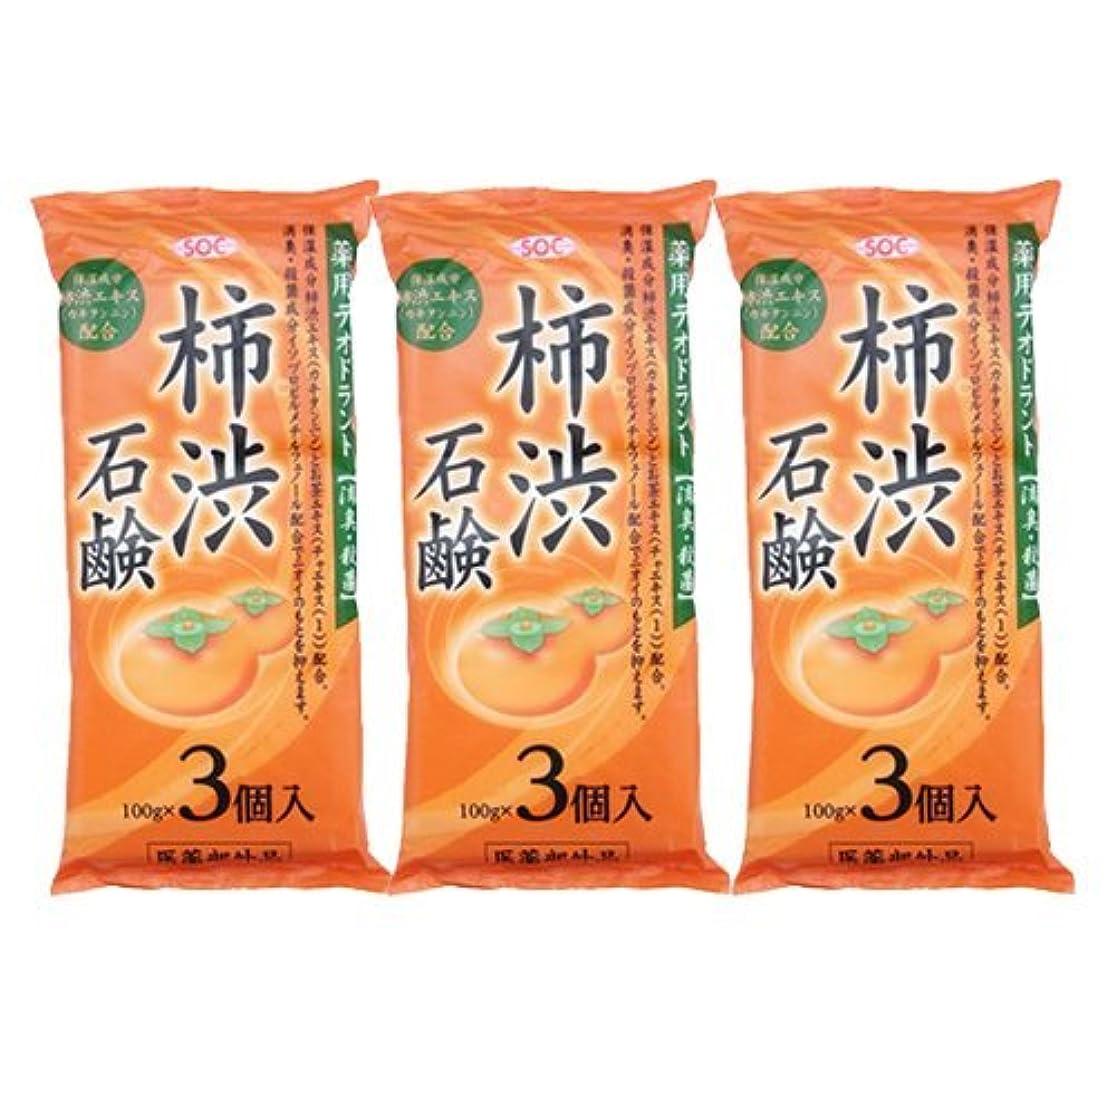 排他的日付付きあたたかい渋谷油脂 SOC 薬用柿渋石鹸 3P ×3袋セット (100g×9個)